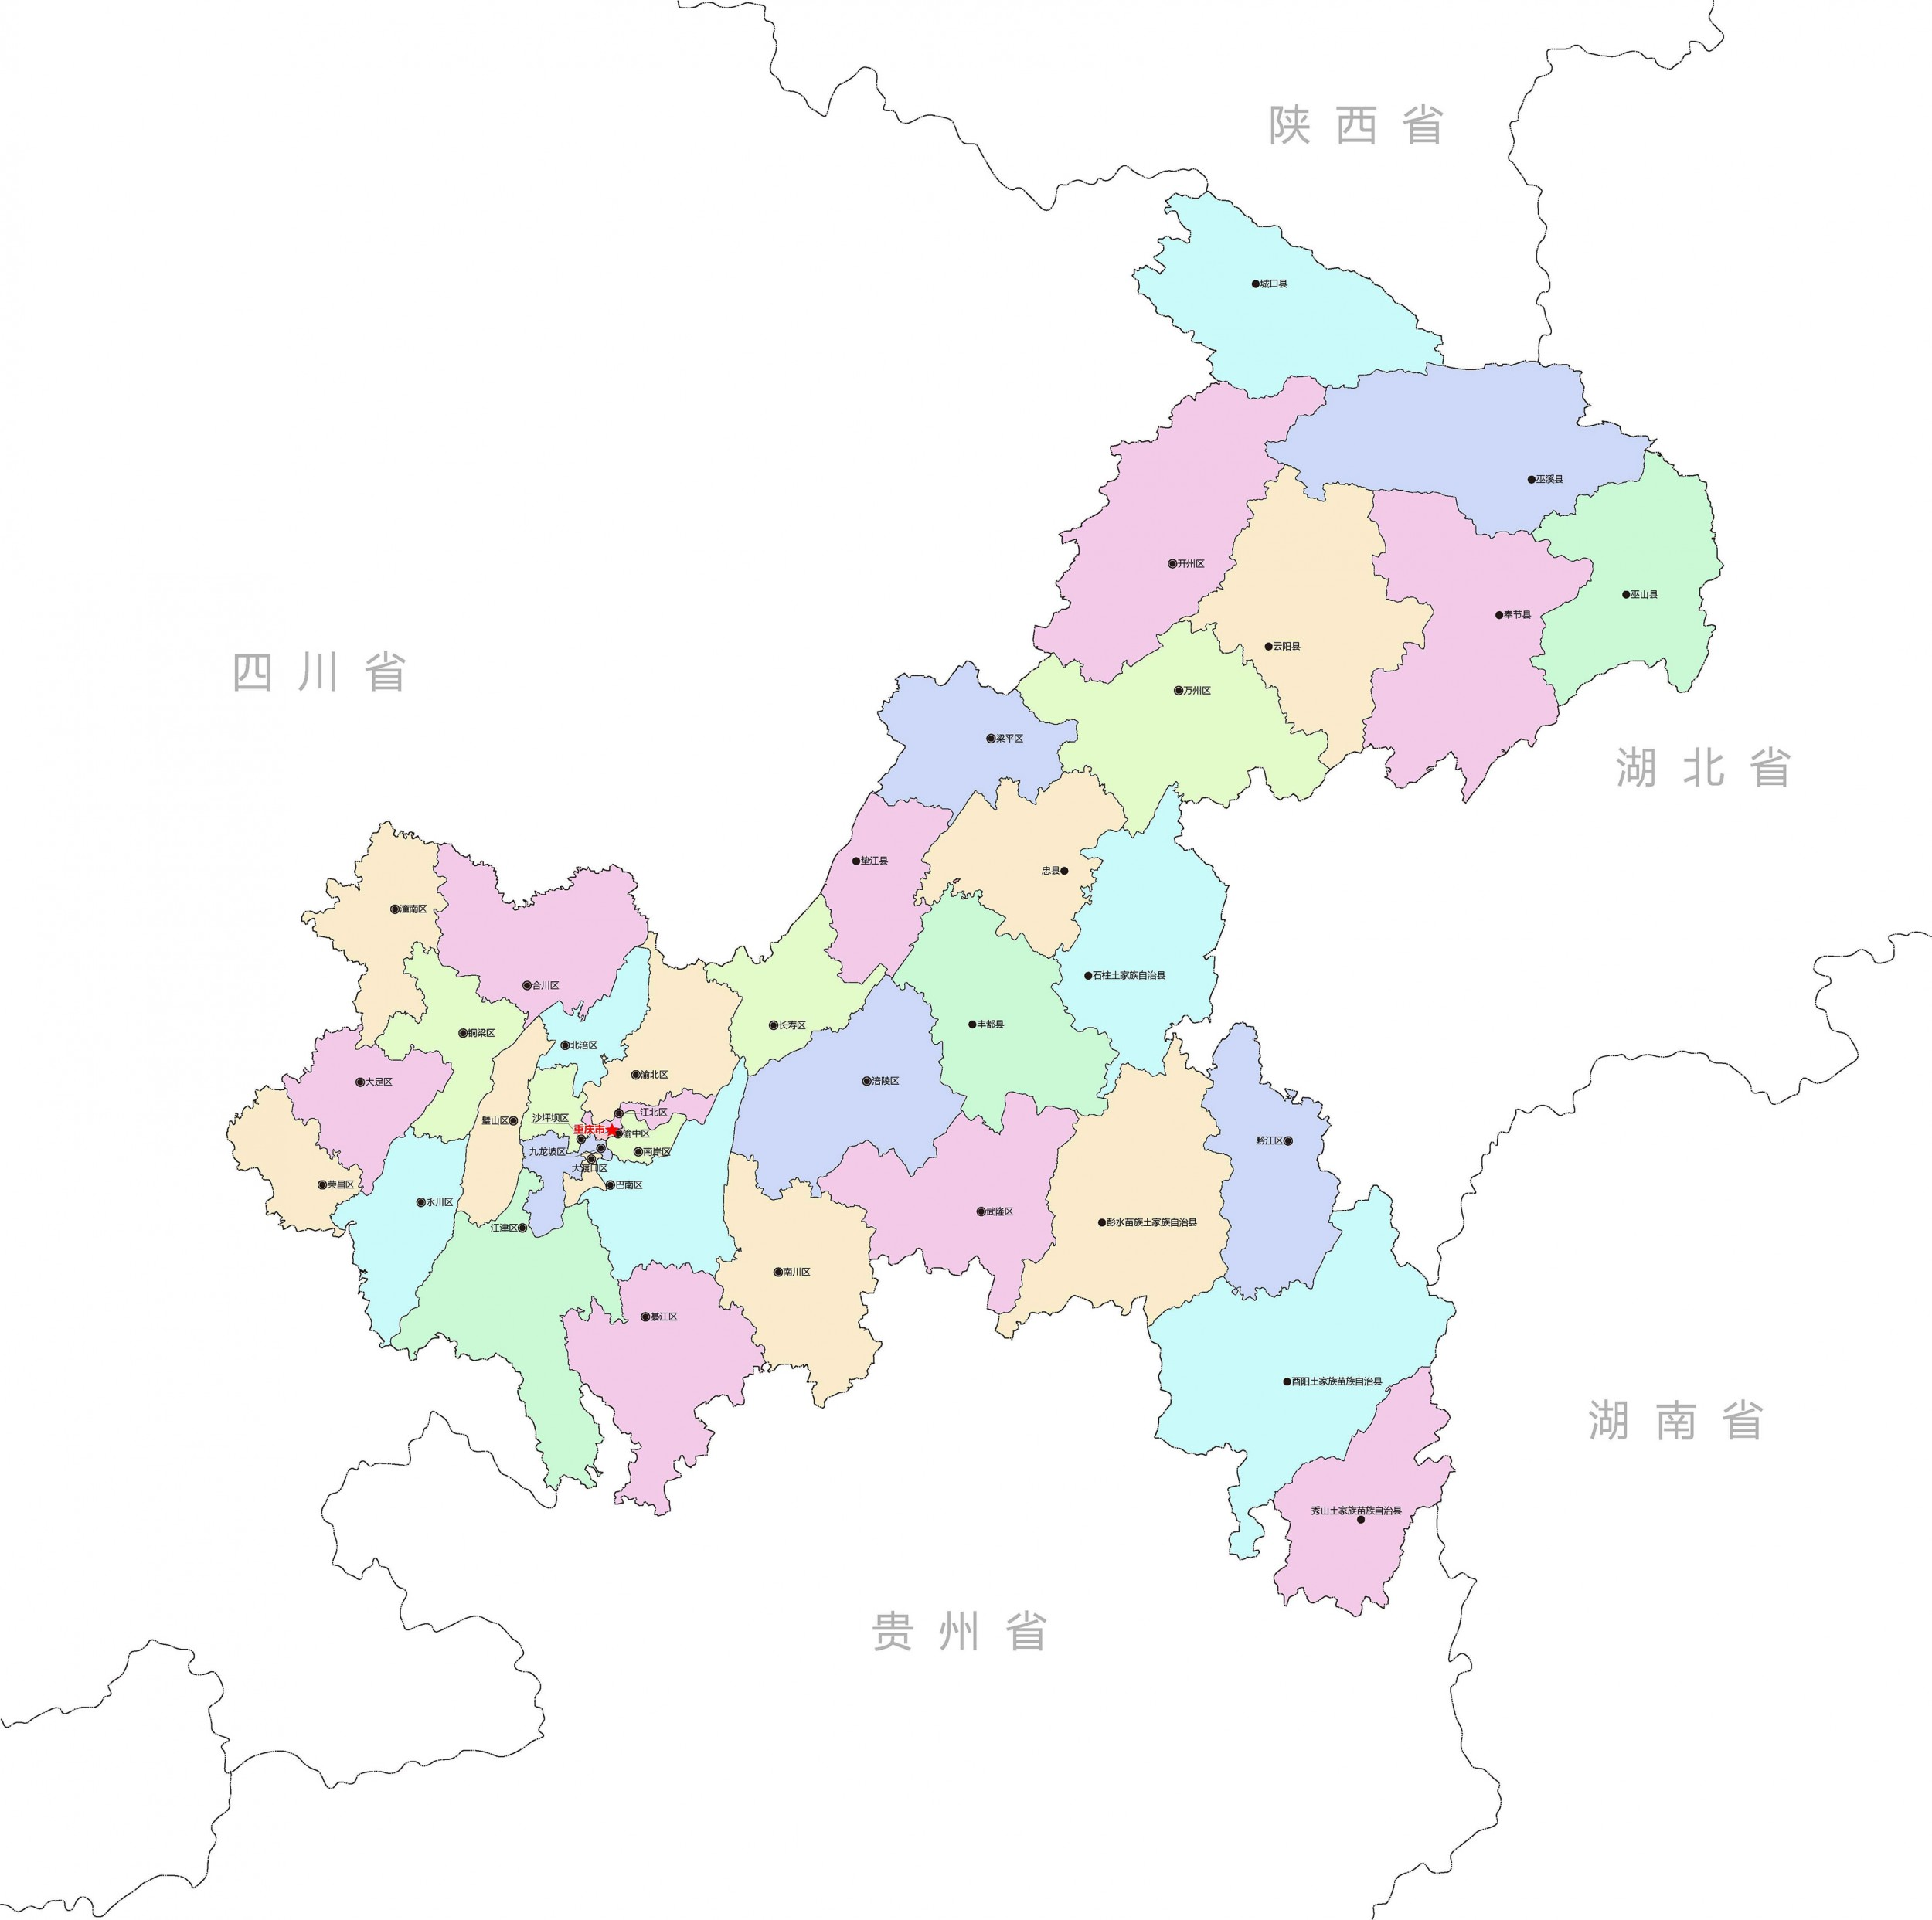 重庆行政区划